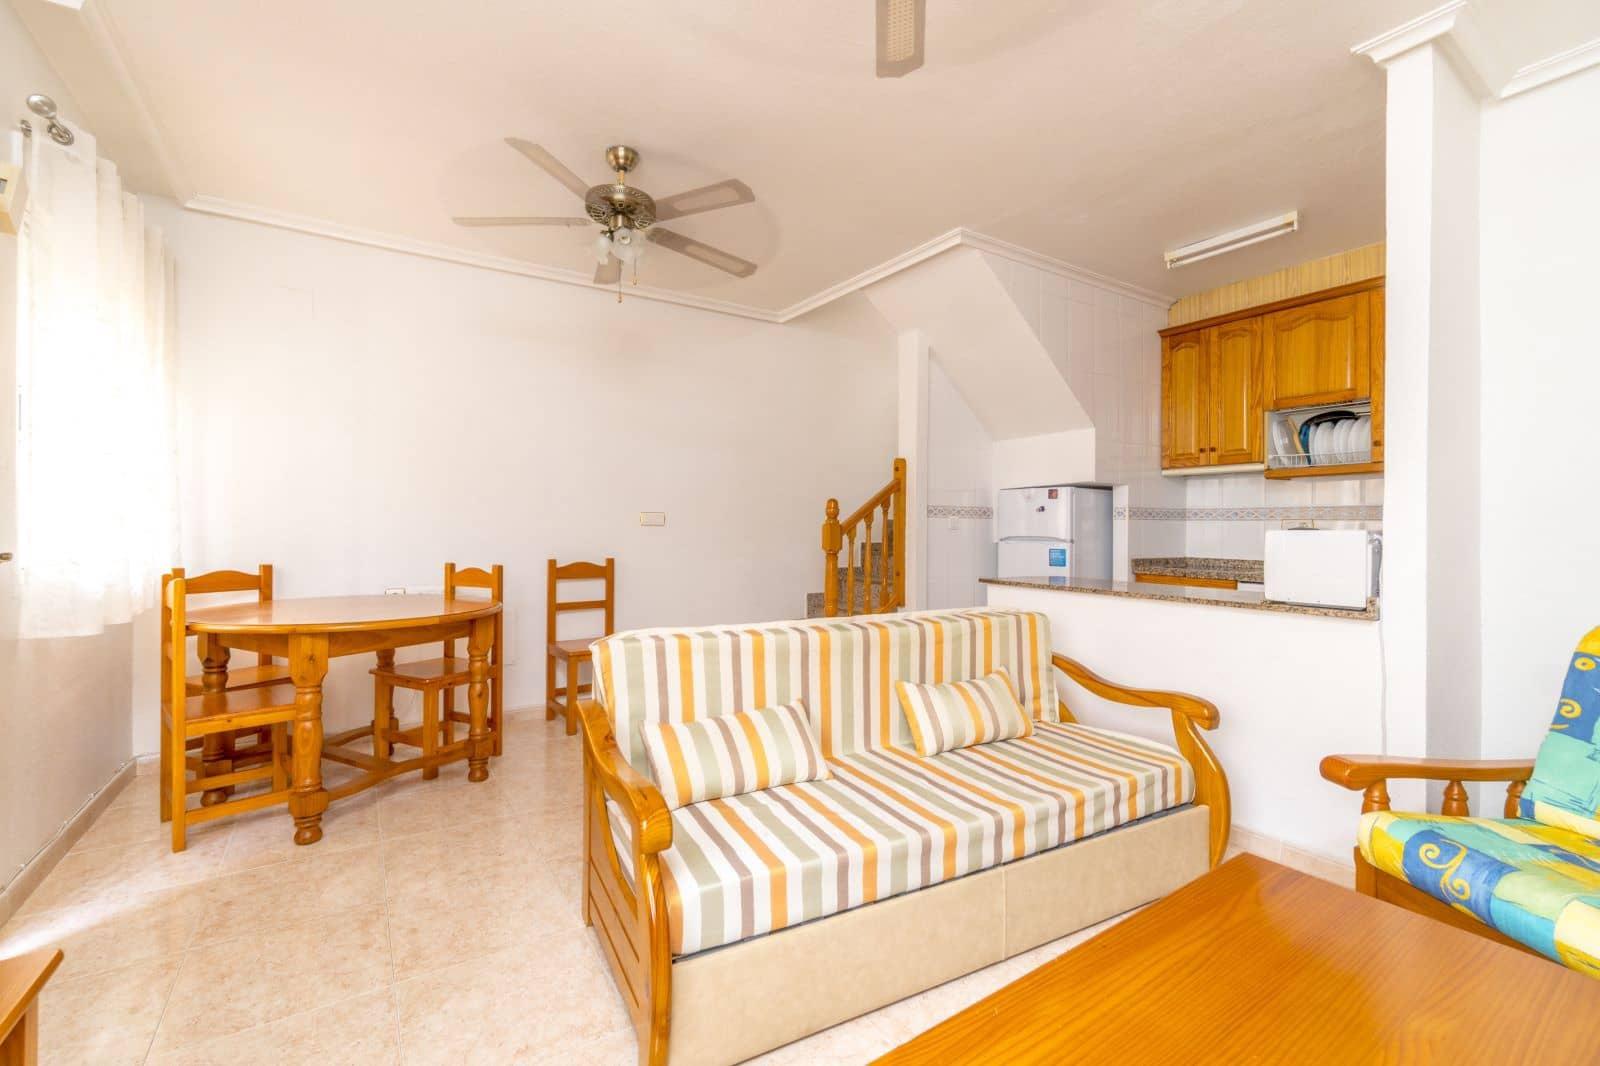 Casa de 3 habitaciones en Playa Flamenca en venta con piscina - 139.900 € (Ref: 5066677)